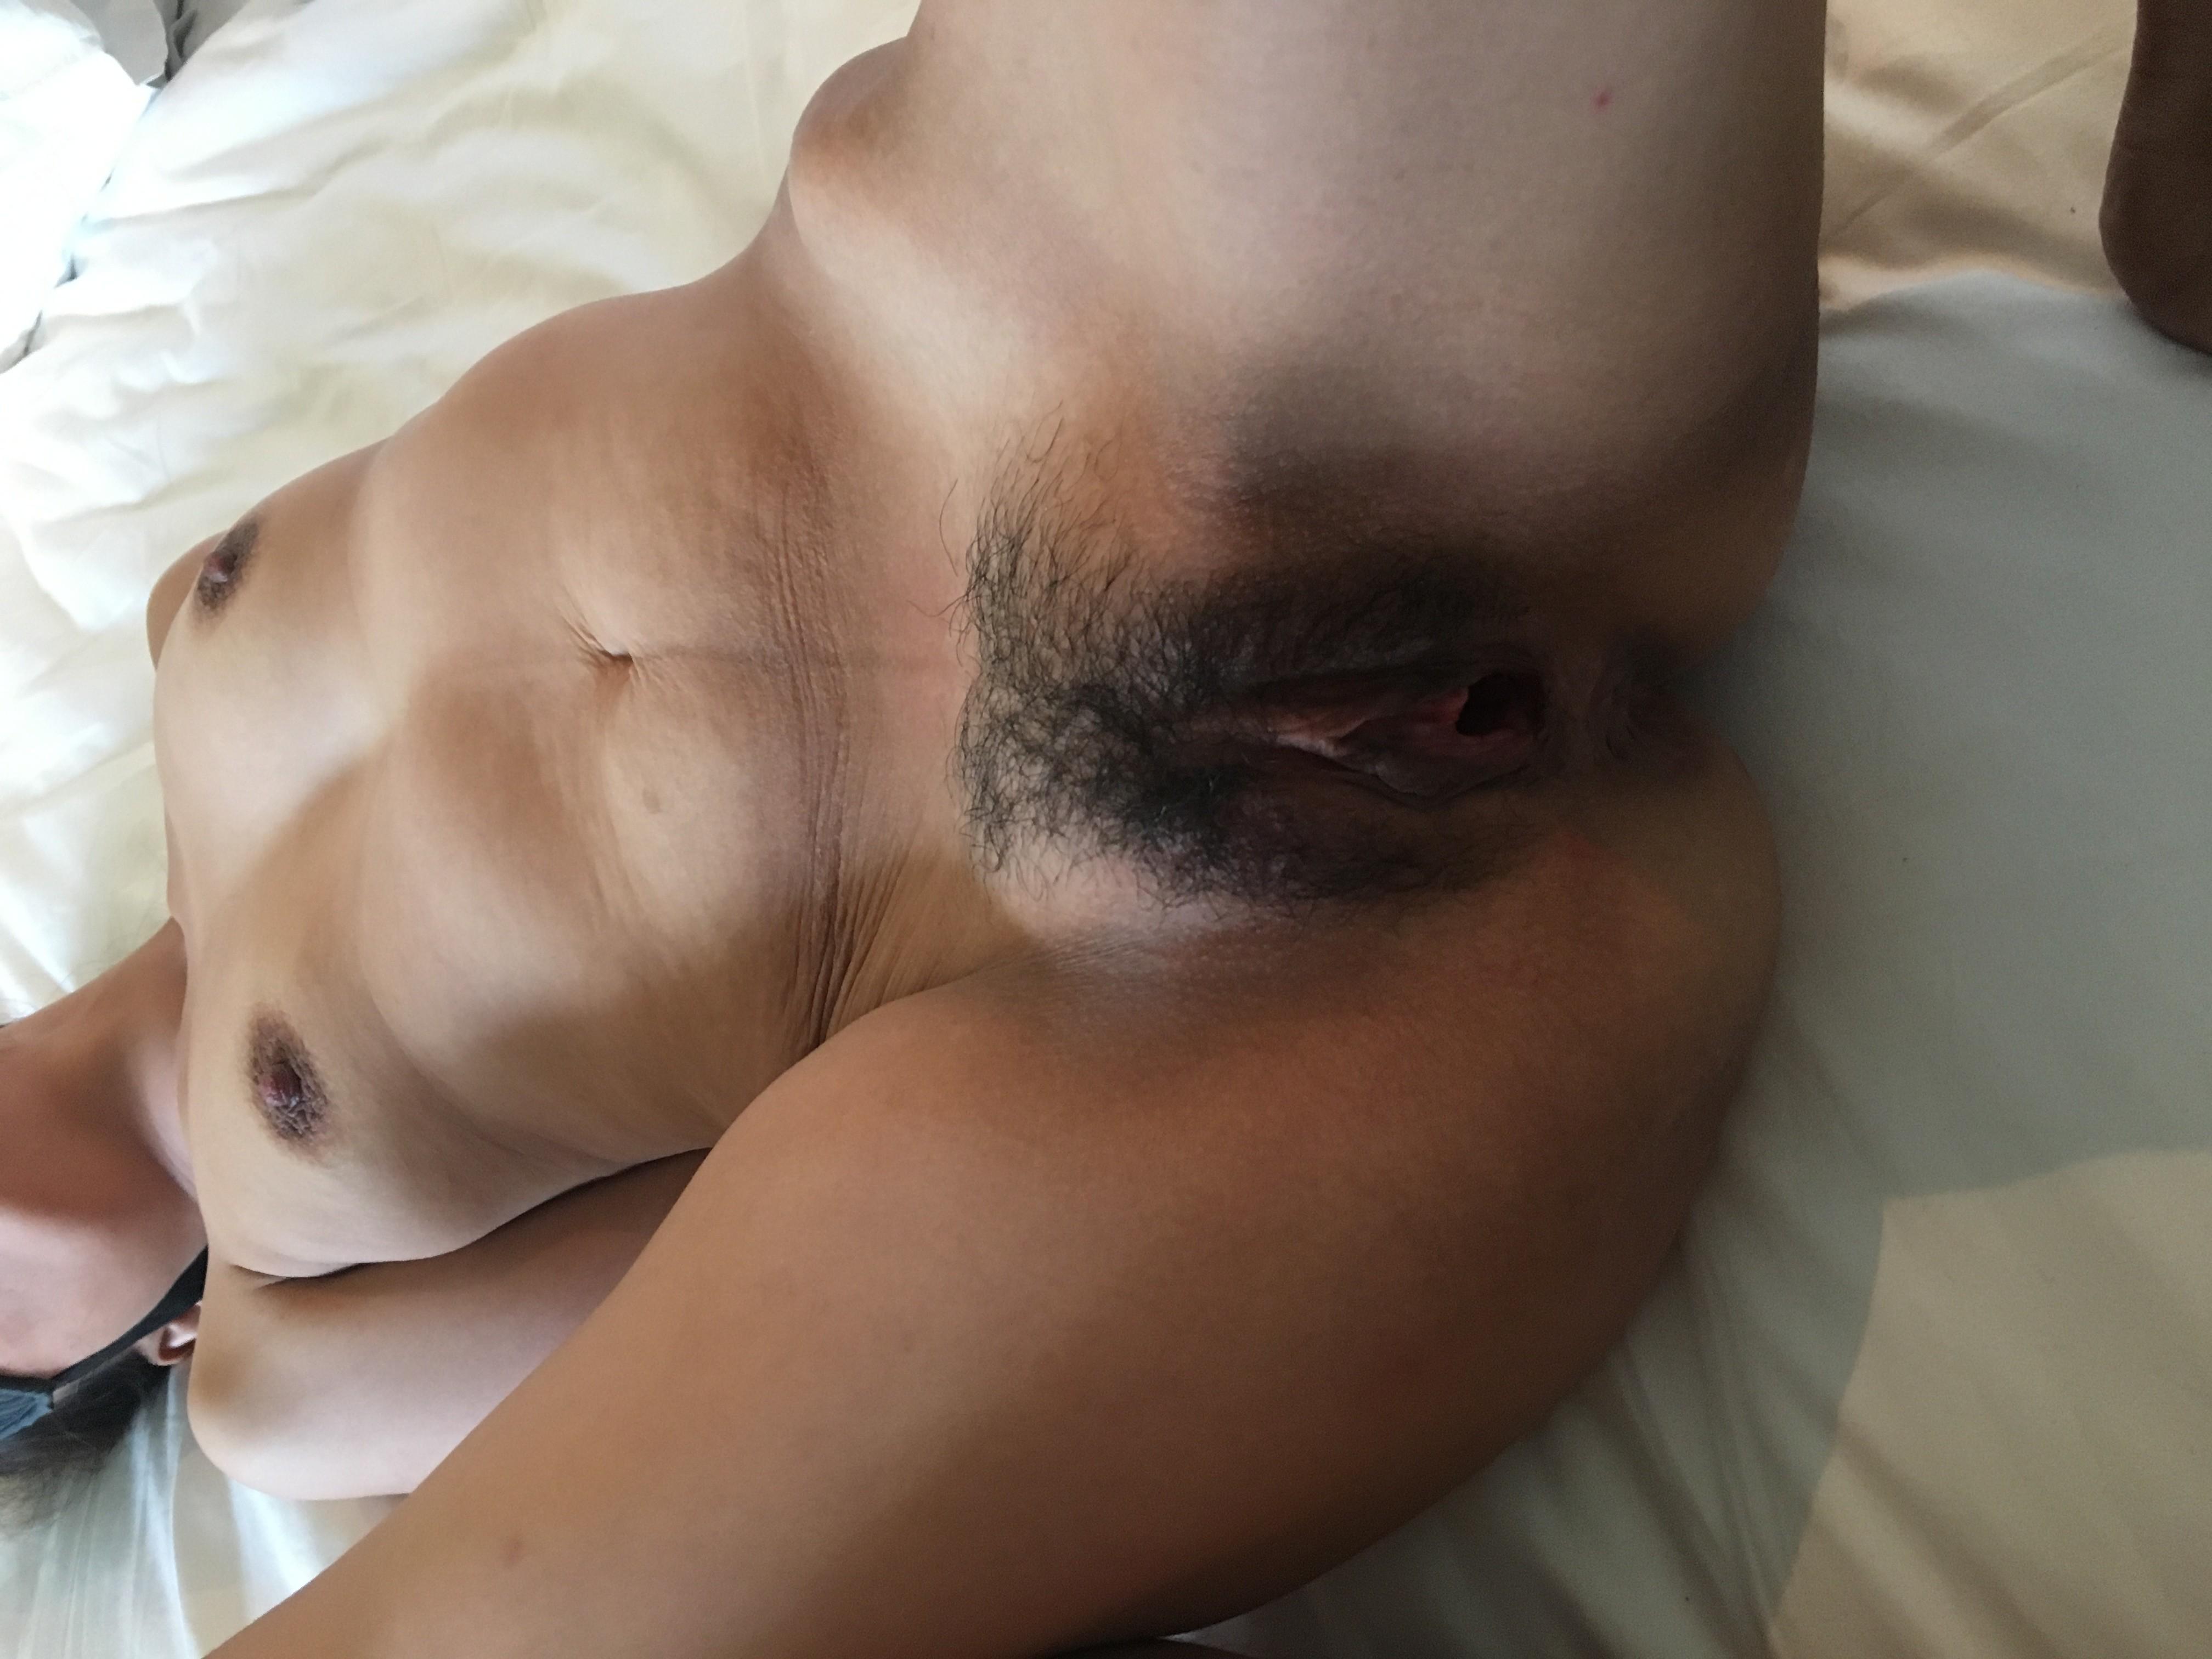 Женщине с волосатой пиздой надевают на глаза маску, а в это время снимают крупным планом ее щель